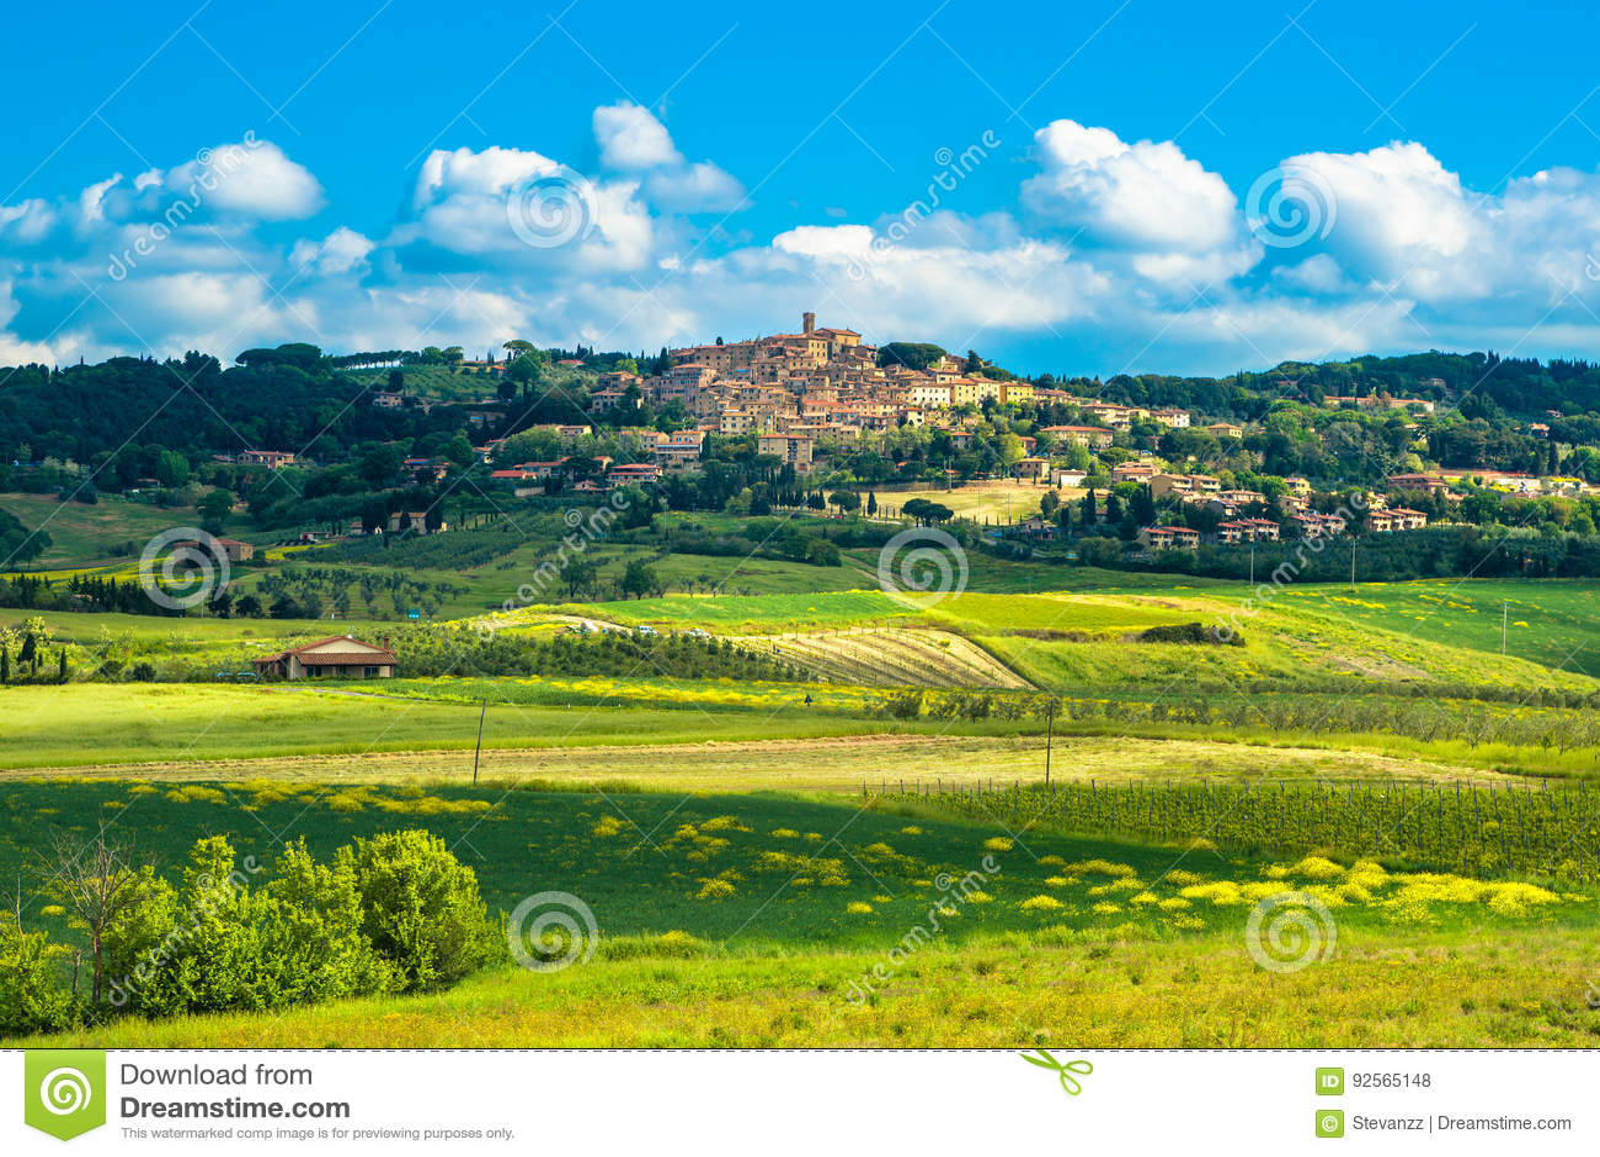 卡萨莱马里蒂莫老石村庄在Maremma 意大利托斯卡纳